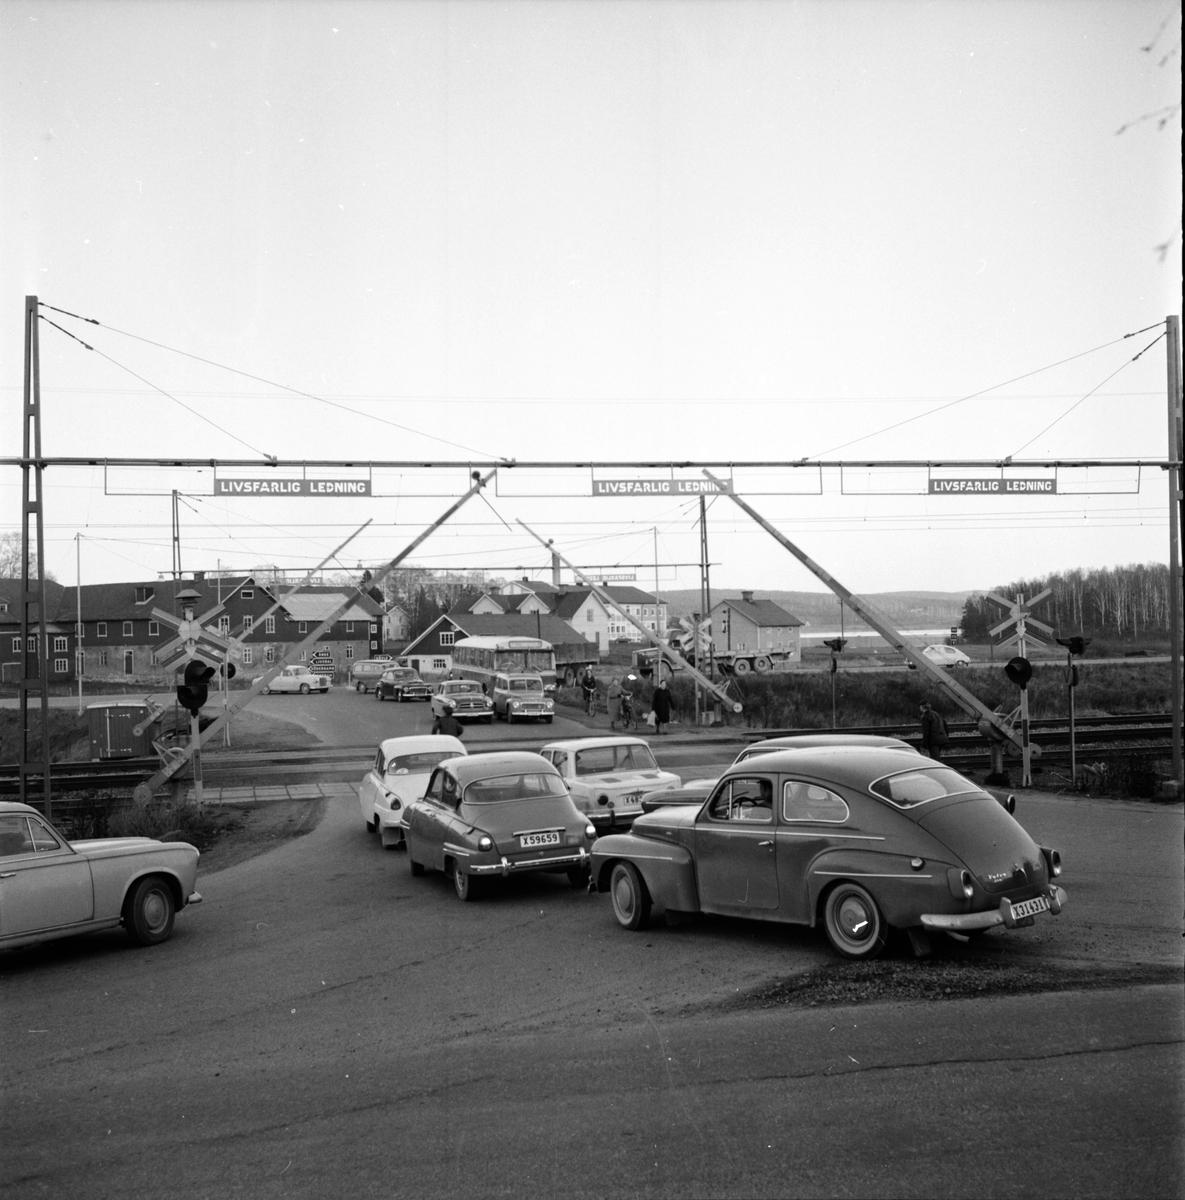 Bomeländet i Säversta, 27 Okt 1964